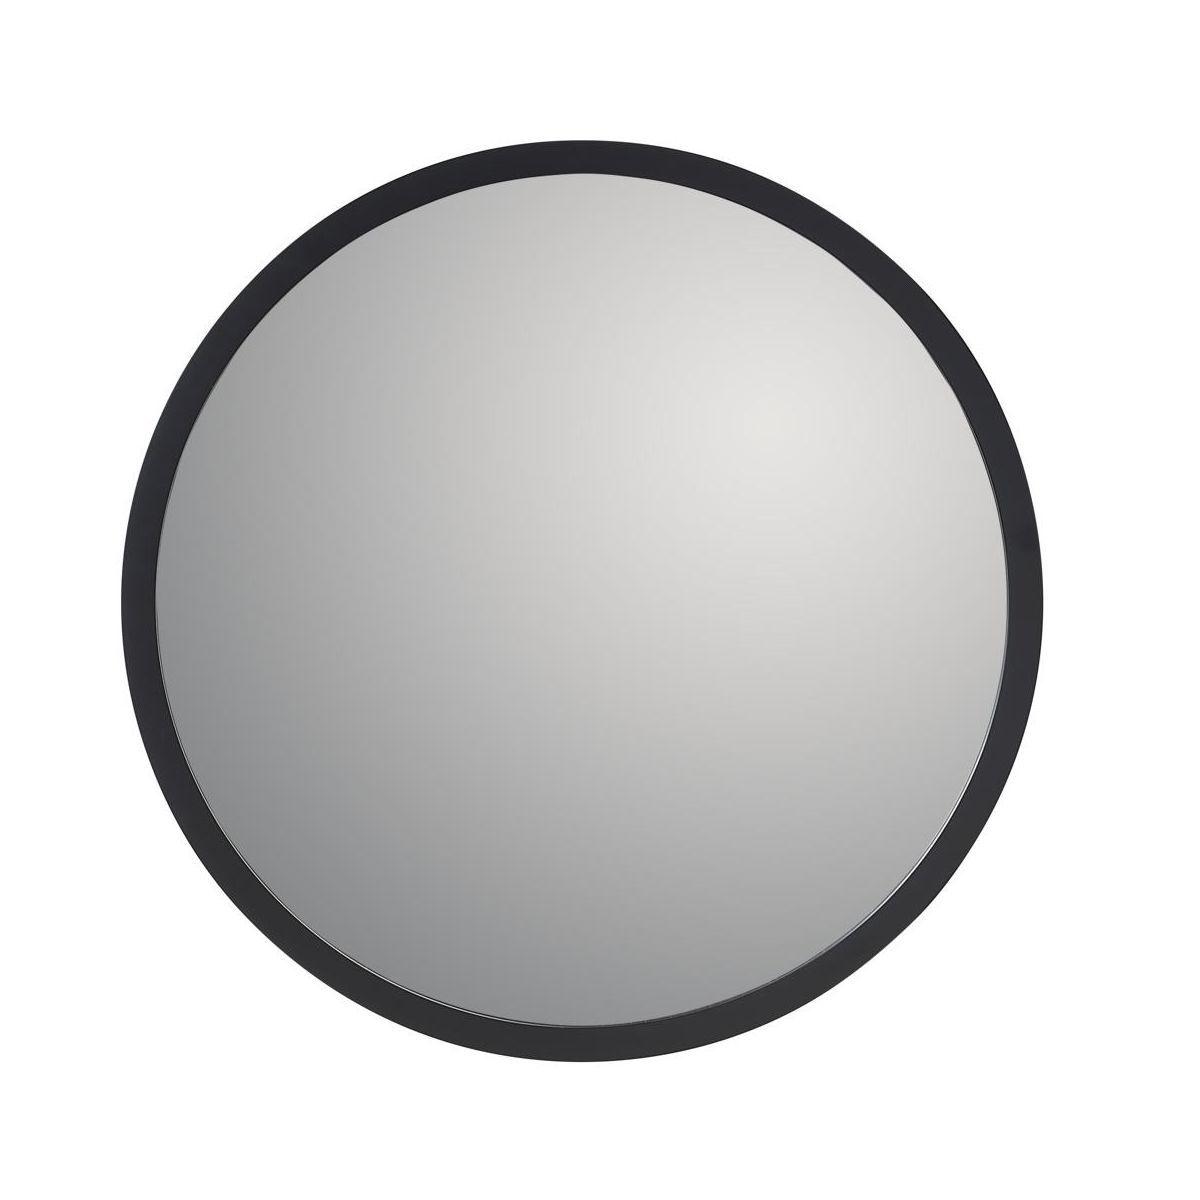 Lustro Lazienkowe Z Wbudowanym Oswietleniem Moby 65 X 65 Grast I Mtb Lustra Lazienkowe I Akcesoria W Atrakcyjnej Cenie W Sklepach Mirror Table Mirror Decor